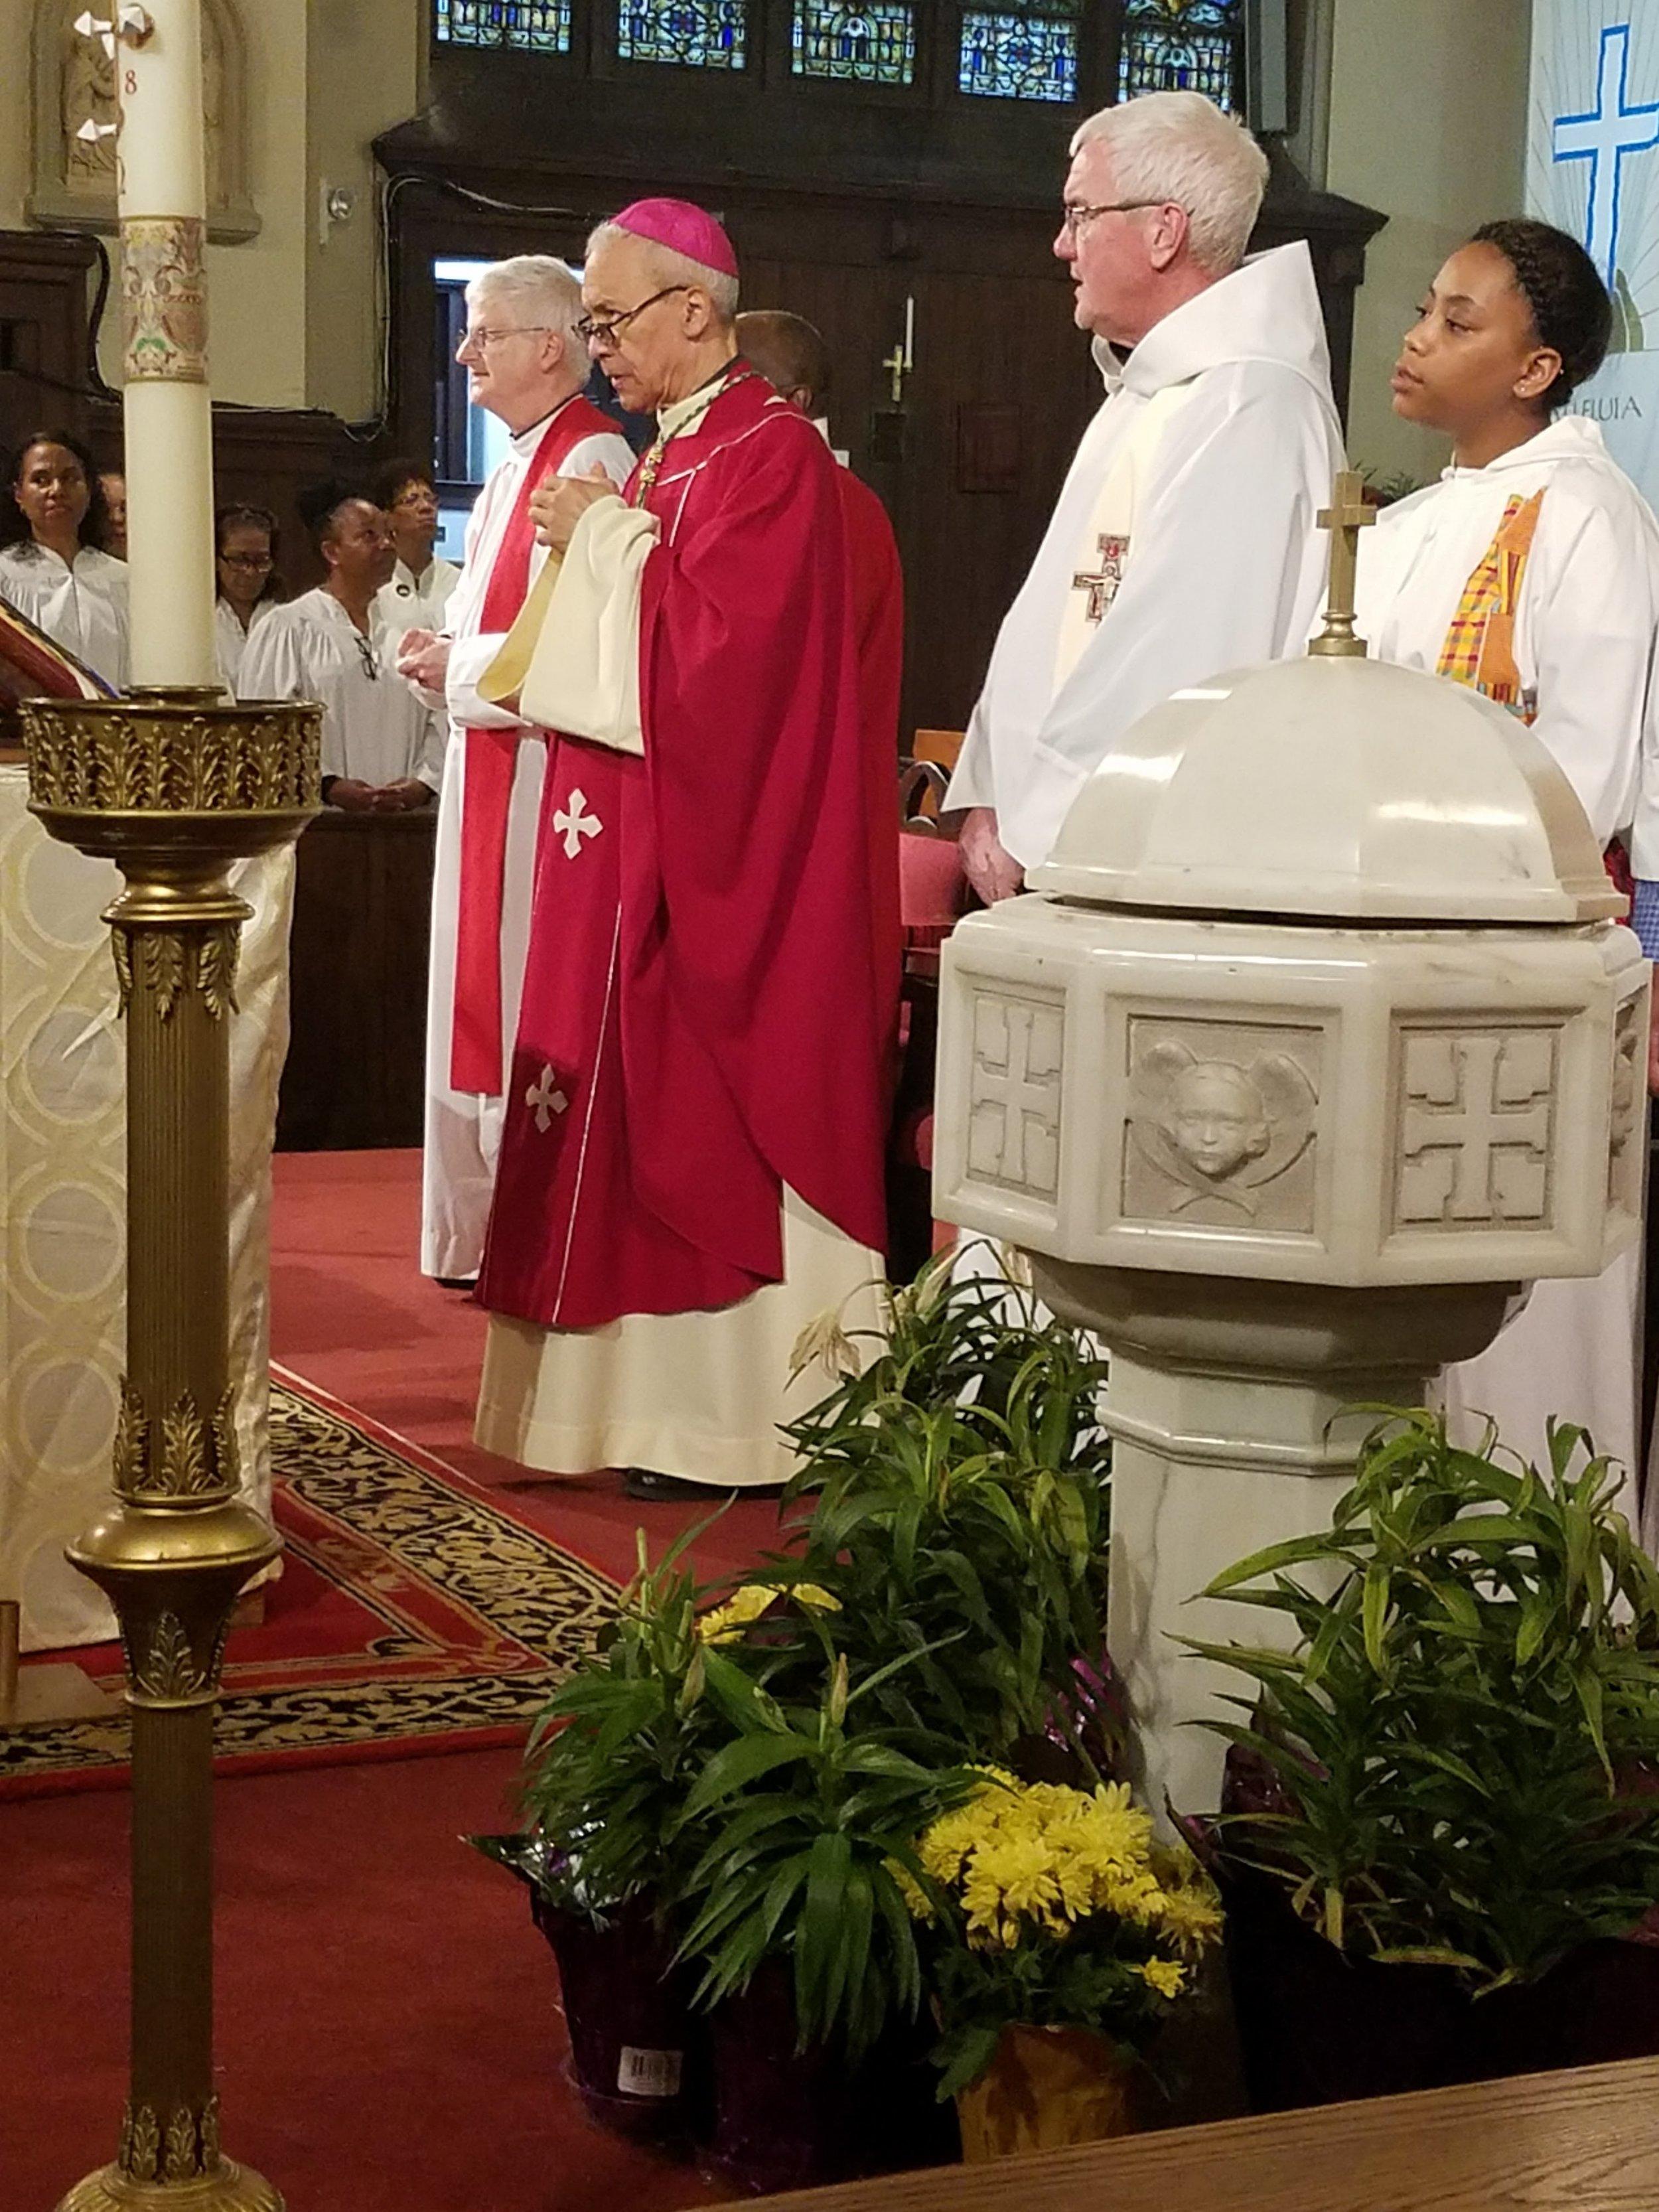 Bishop John Ricard